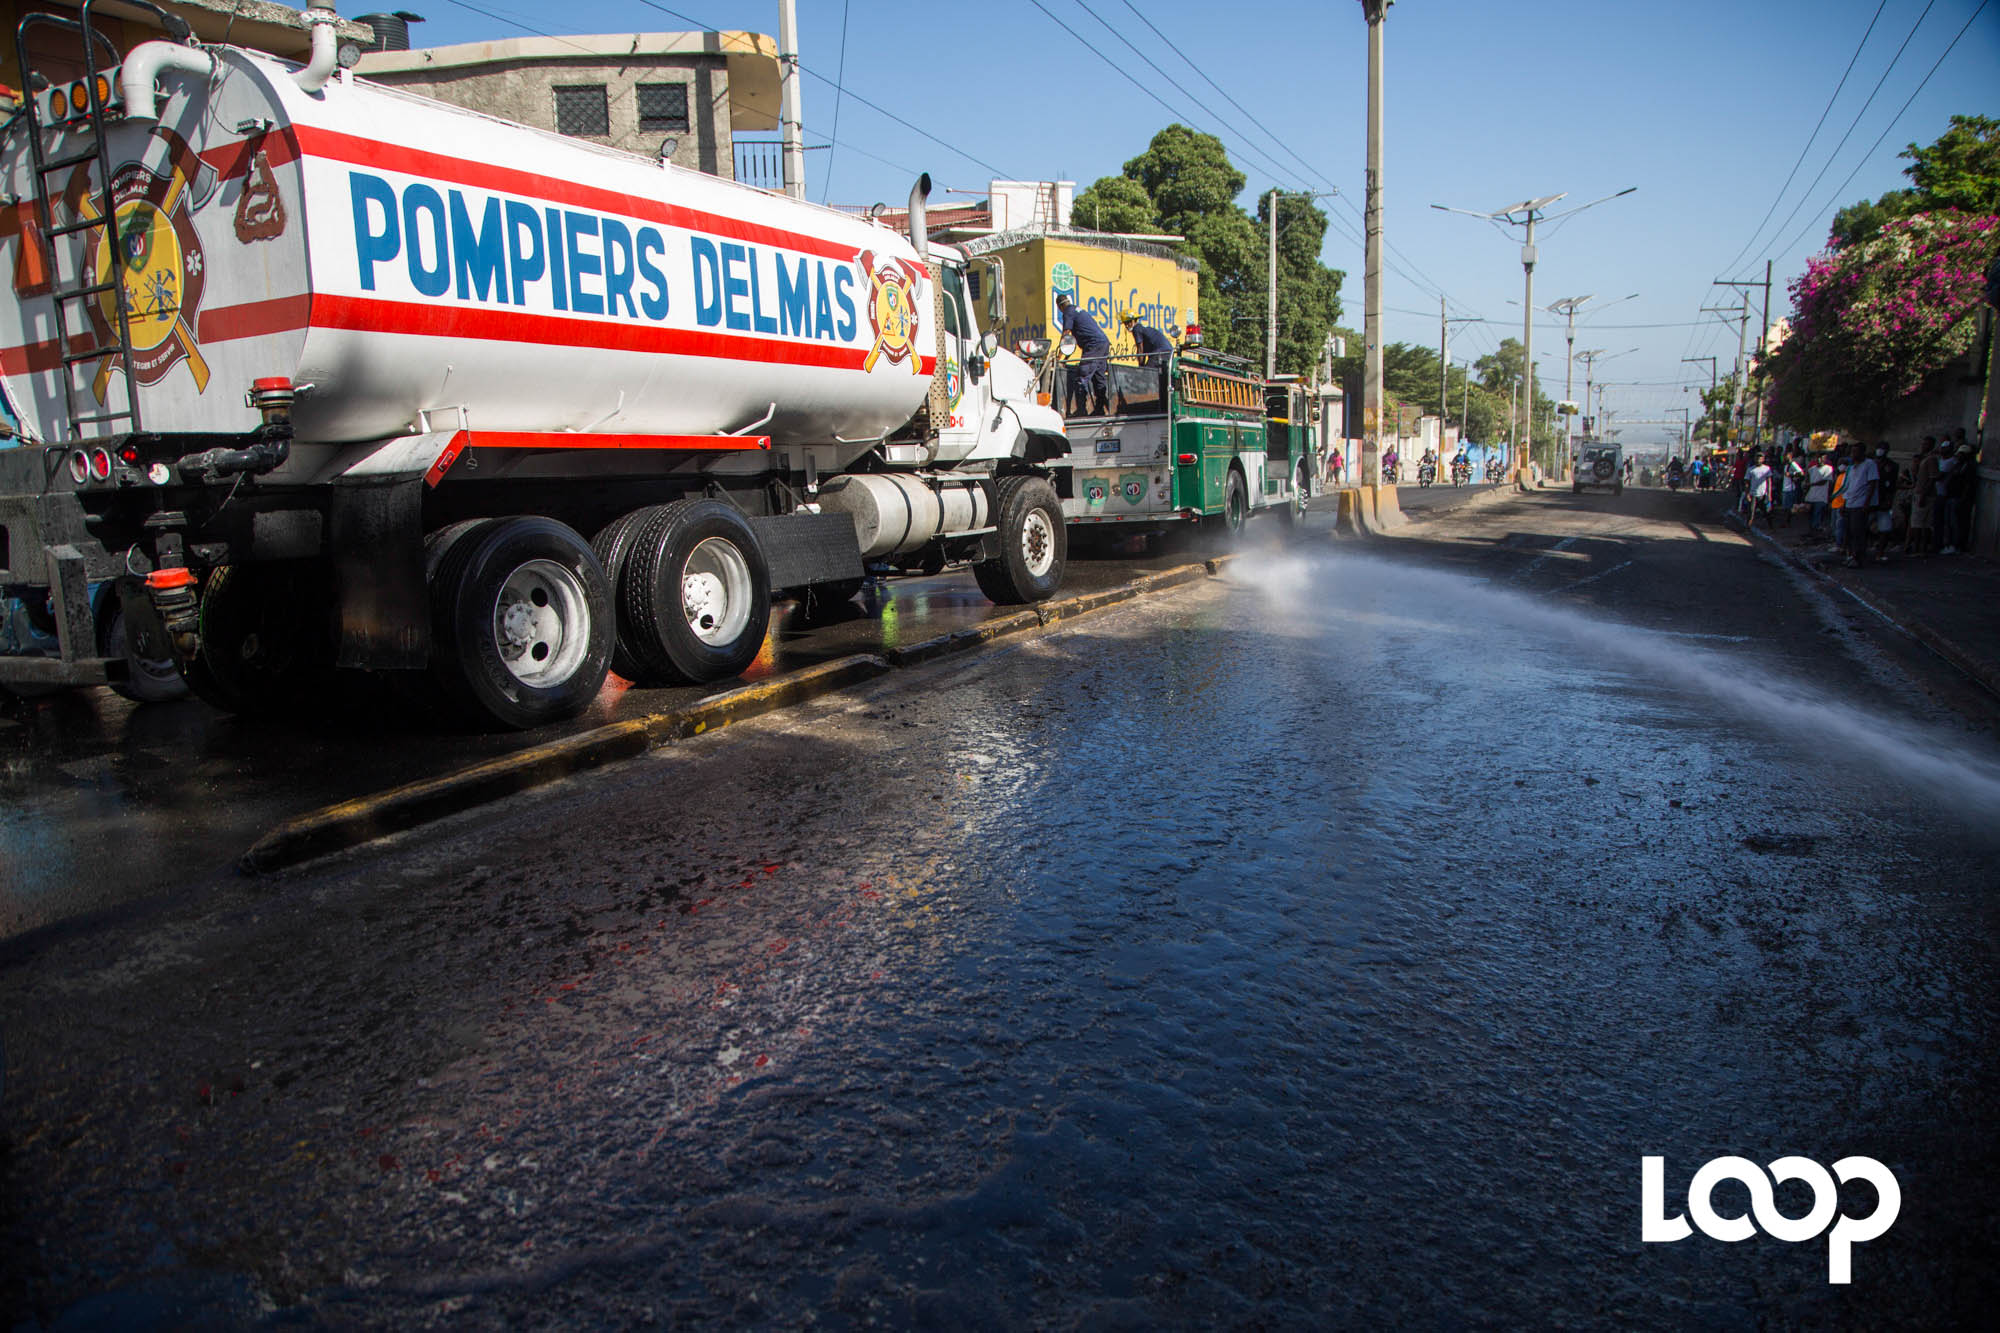 Les sapeurs-pompiers nettoyant les rues de Delmas après les émeutes / Photo: Estailove St-val / Loop Haiti